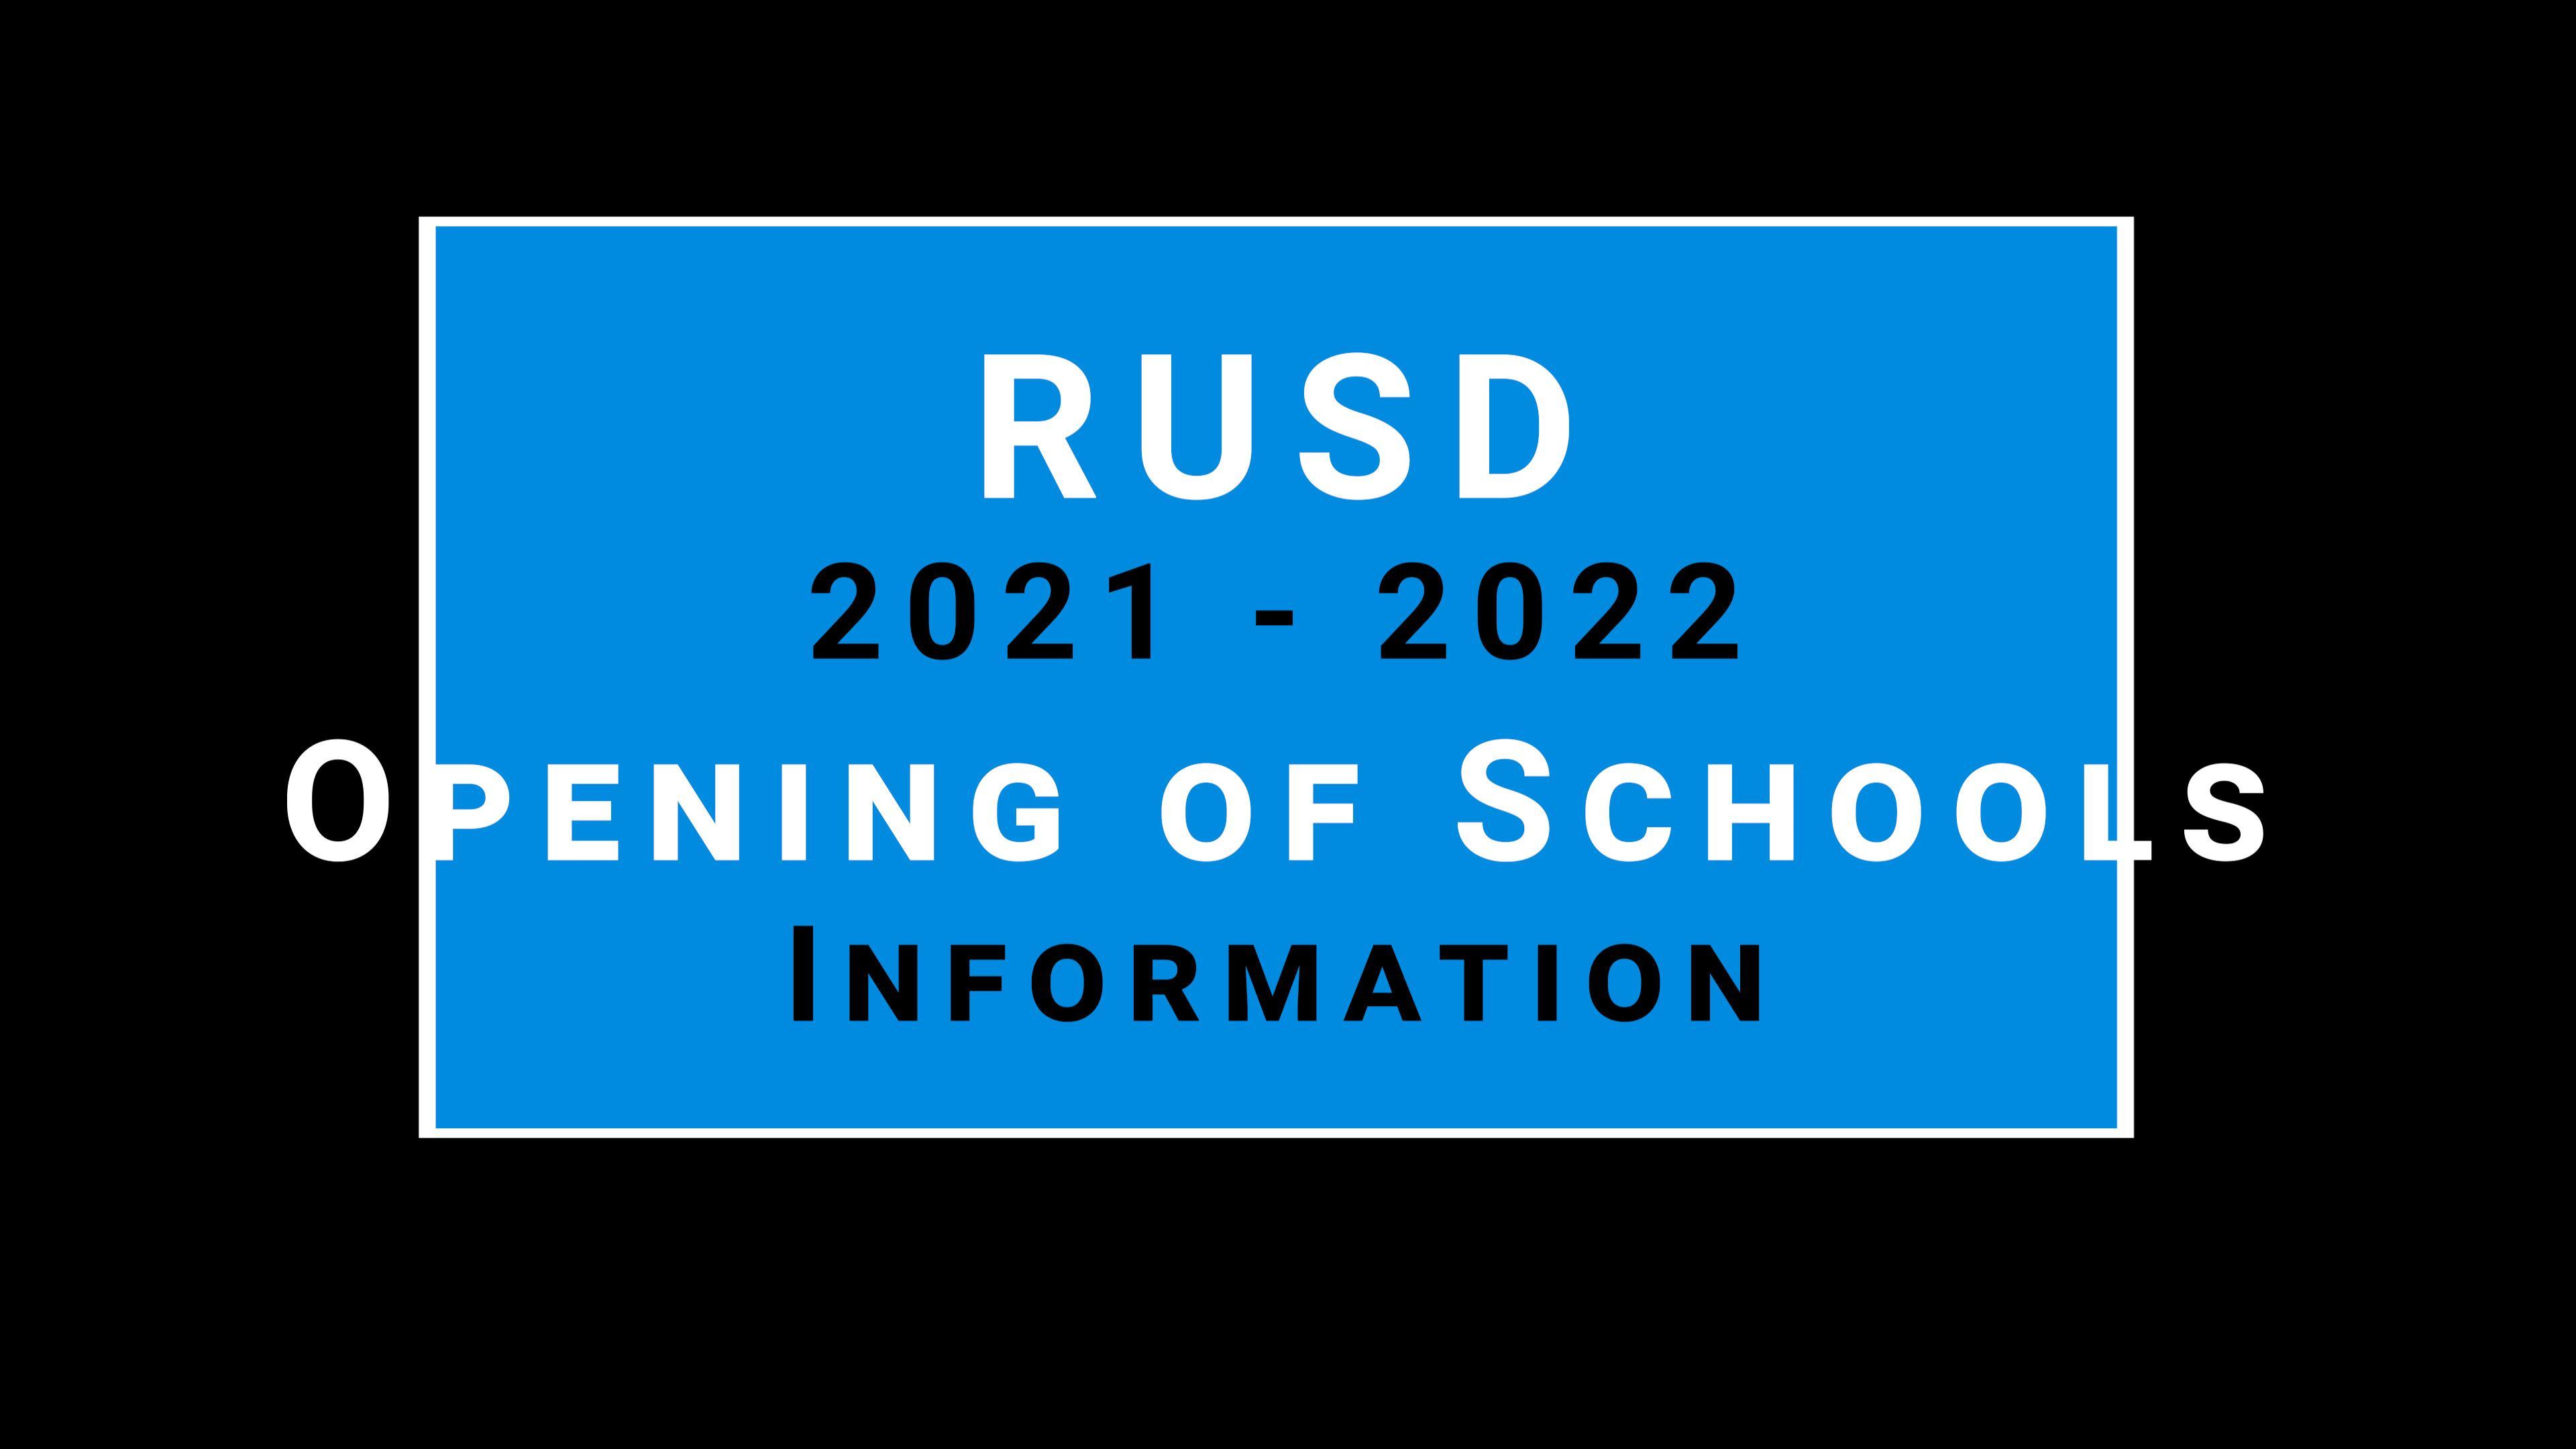 Opening of School Video